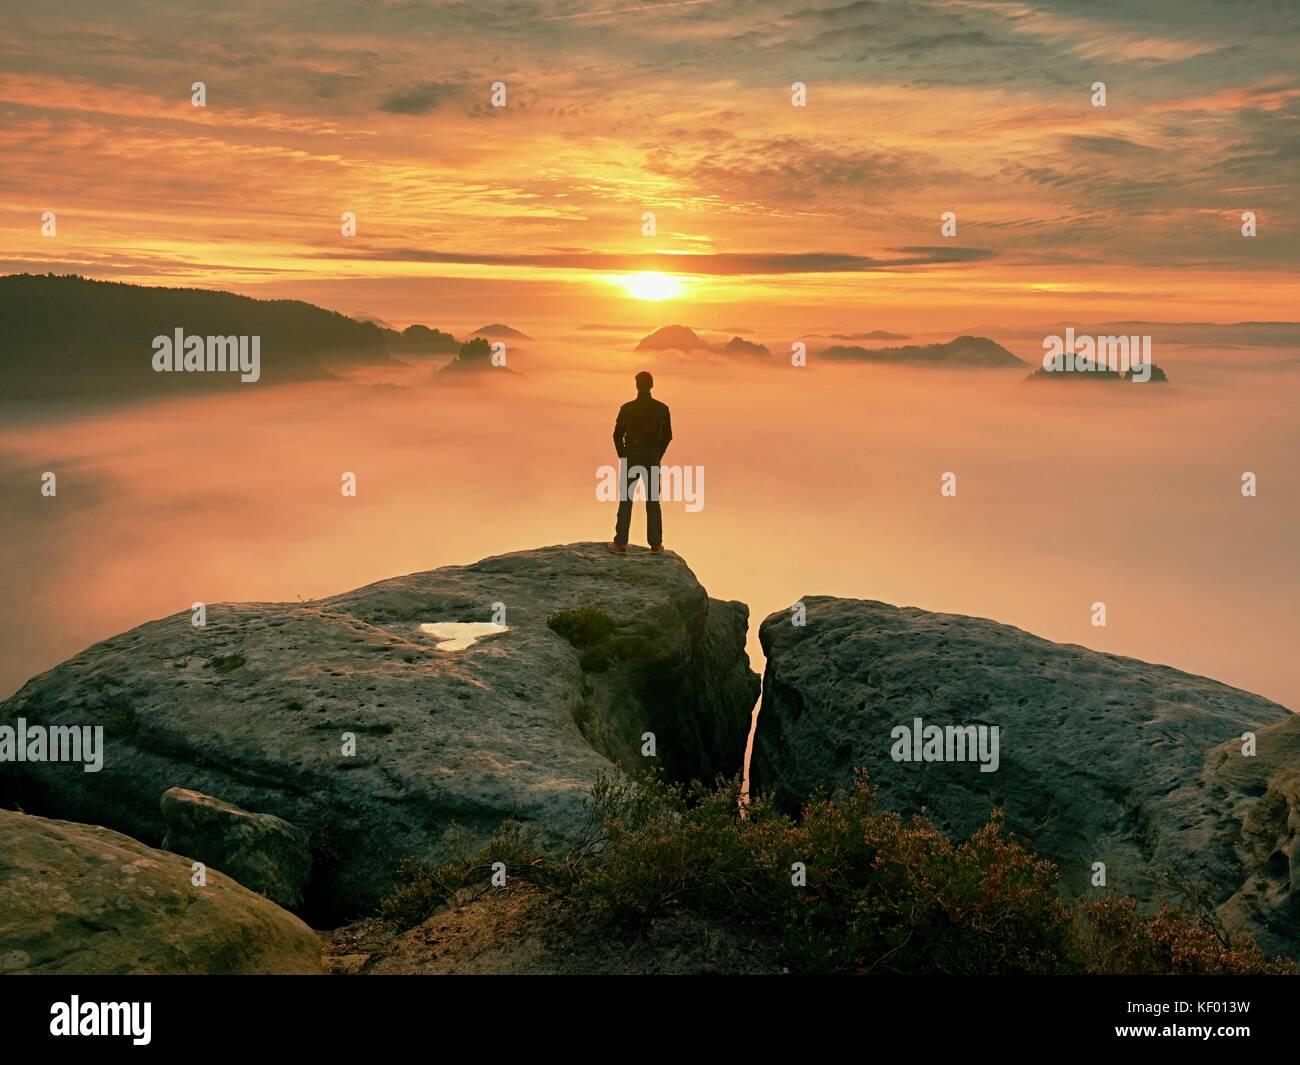 L'homme est seul sur le pic de roche. randonneur regardant au soleil d'automne au horizon . beau moment Photo Stock